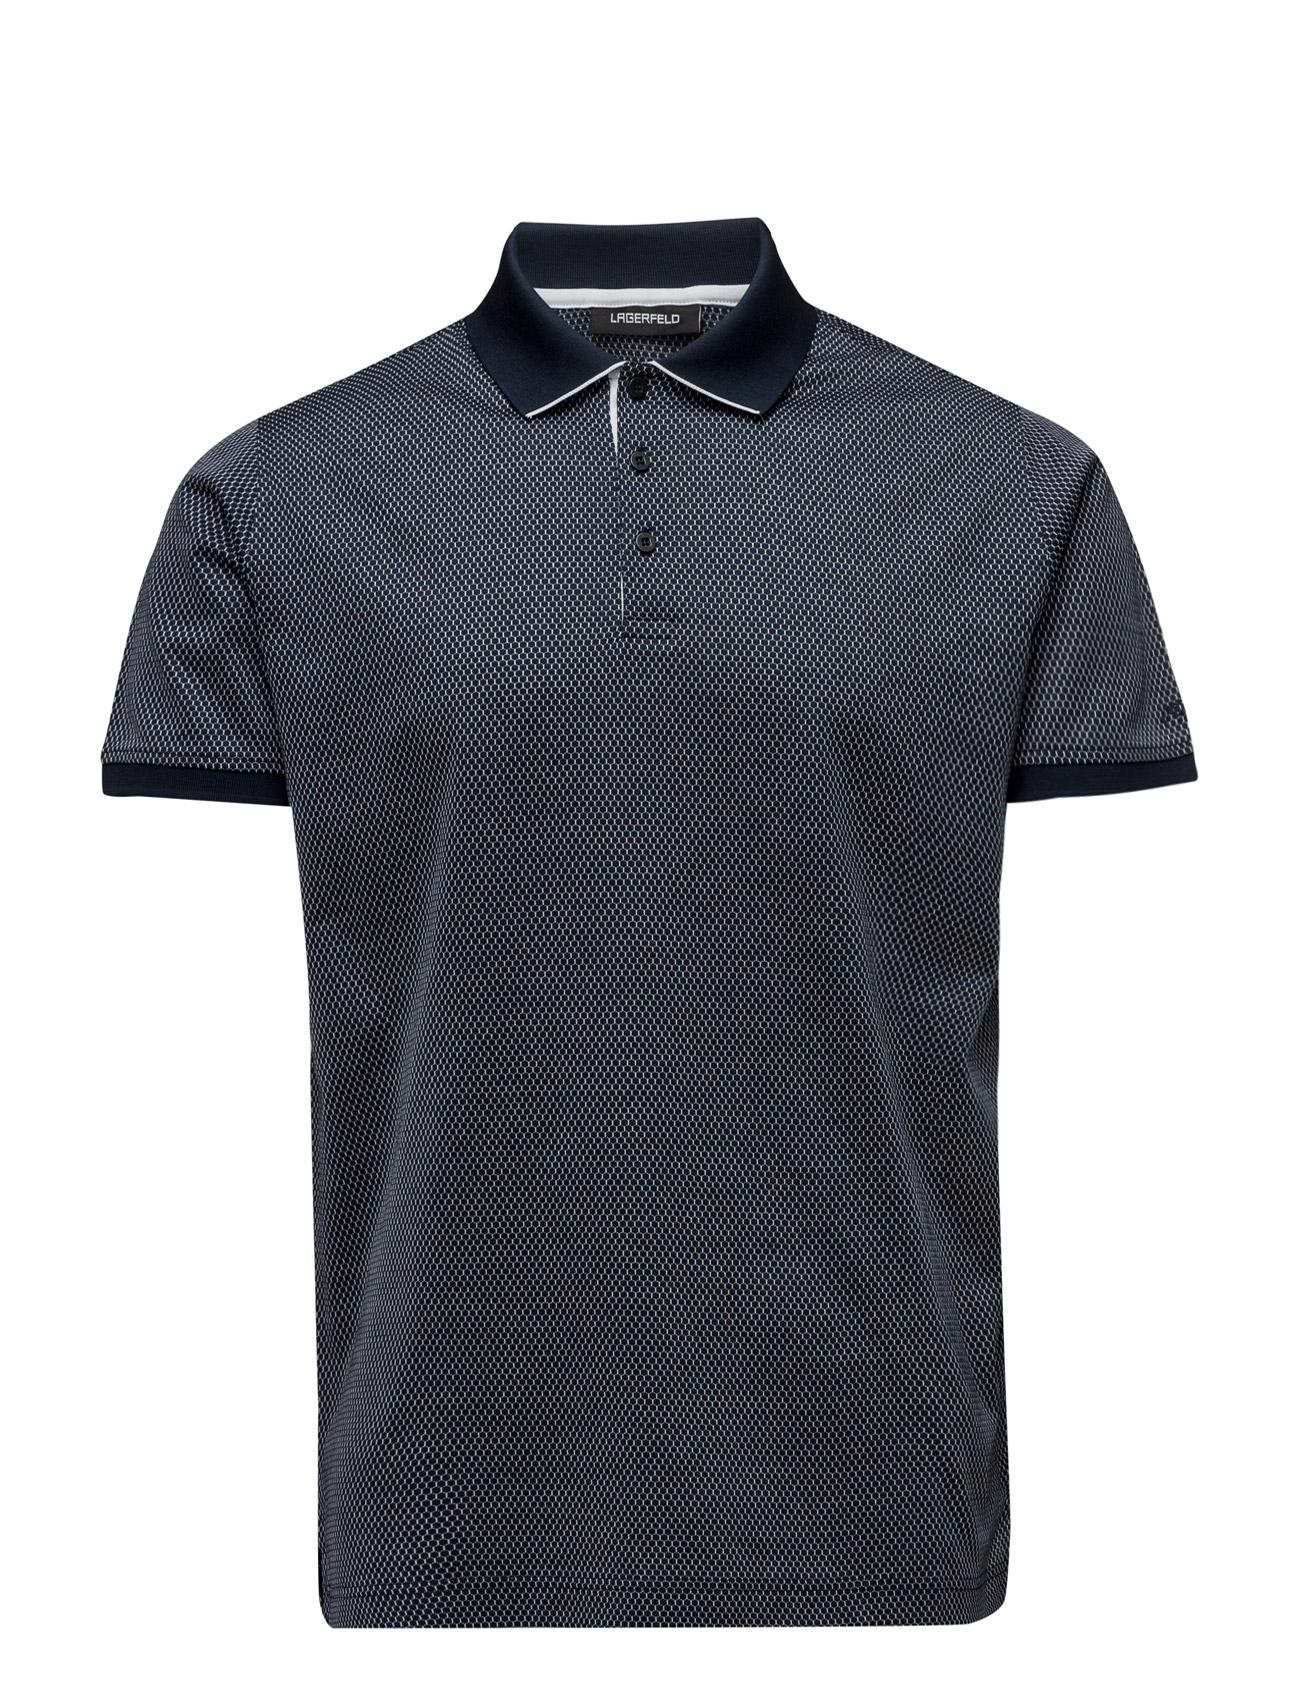 Polo Button Lagerfeld Kortærmede polo t-shirts til Herrer i Navy blå